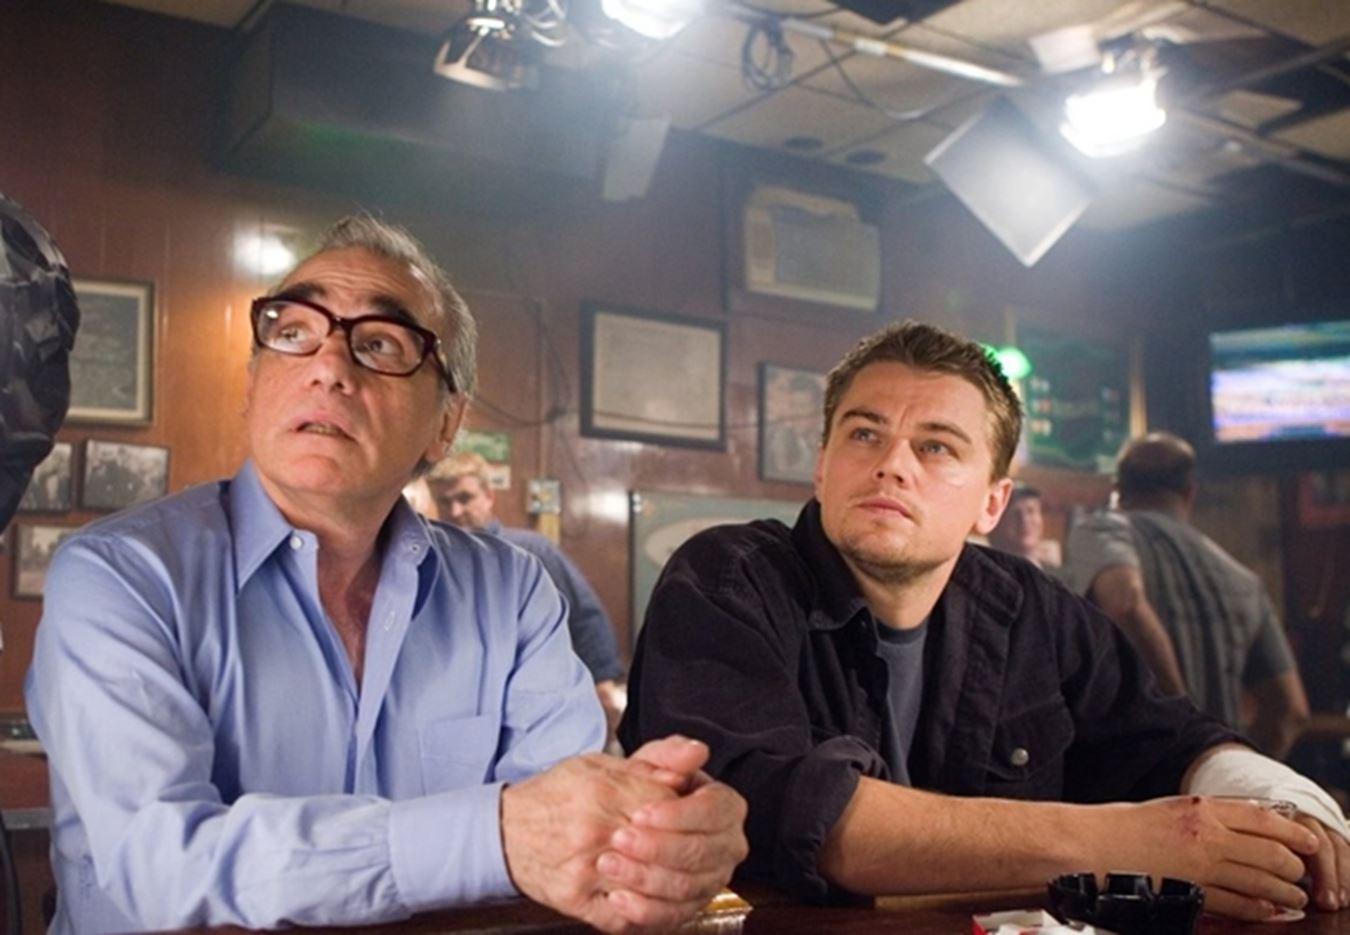 Martin Scorsese'nin yeni filmi Killers of the Flower Moon'un başrolünde Leonardo DiCaprio yer alacak - Haberler - Box Office Türkiye